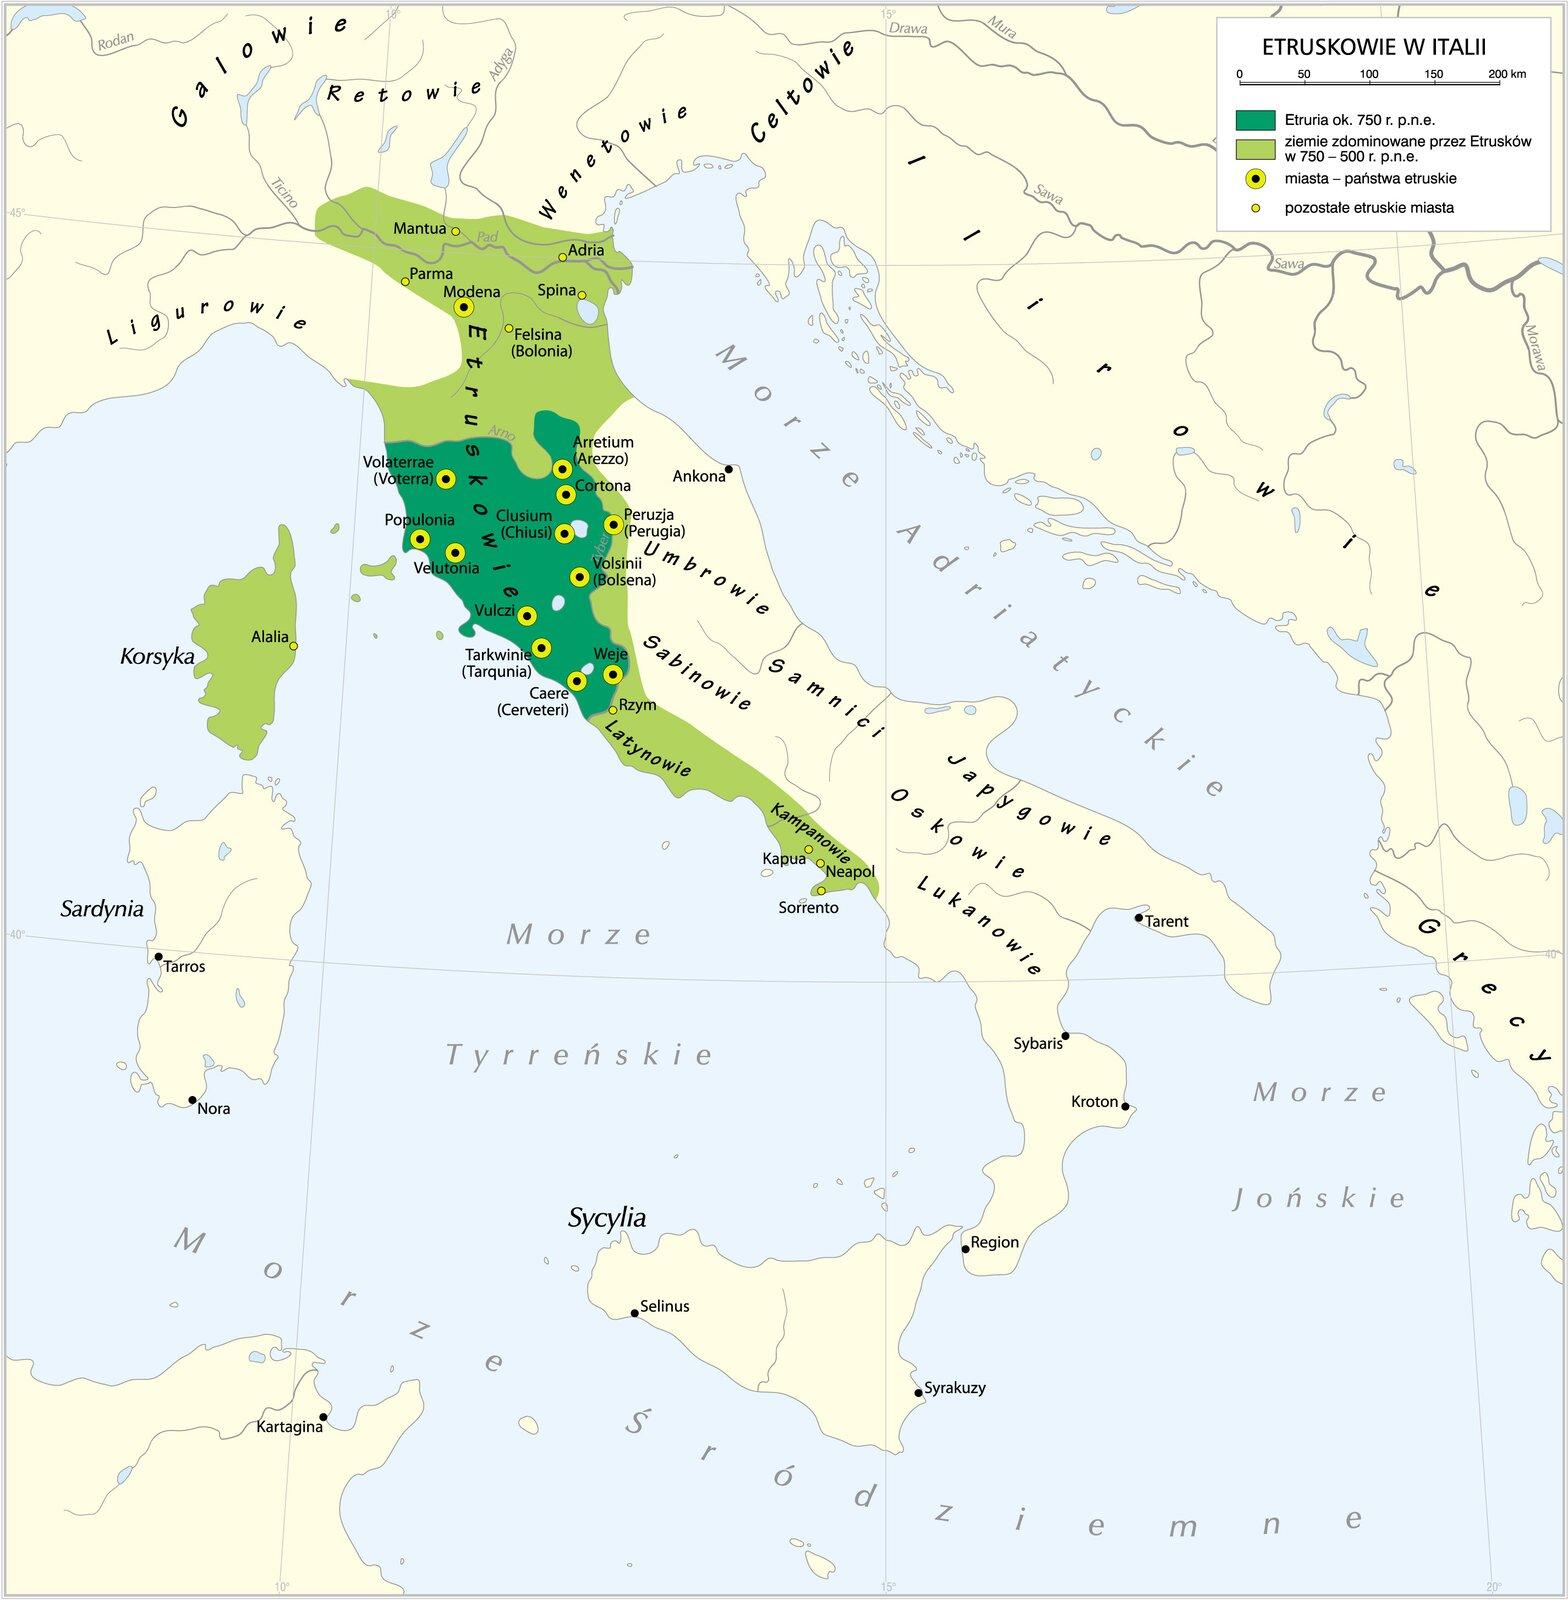 Państwo Etrusków Państwo Etrusków Źródło: Krystian Chariza izespół, licencja: CC BY 3.0.